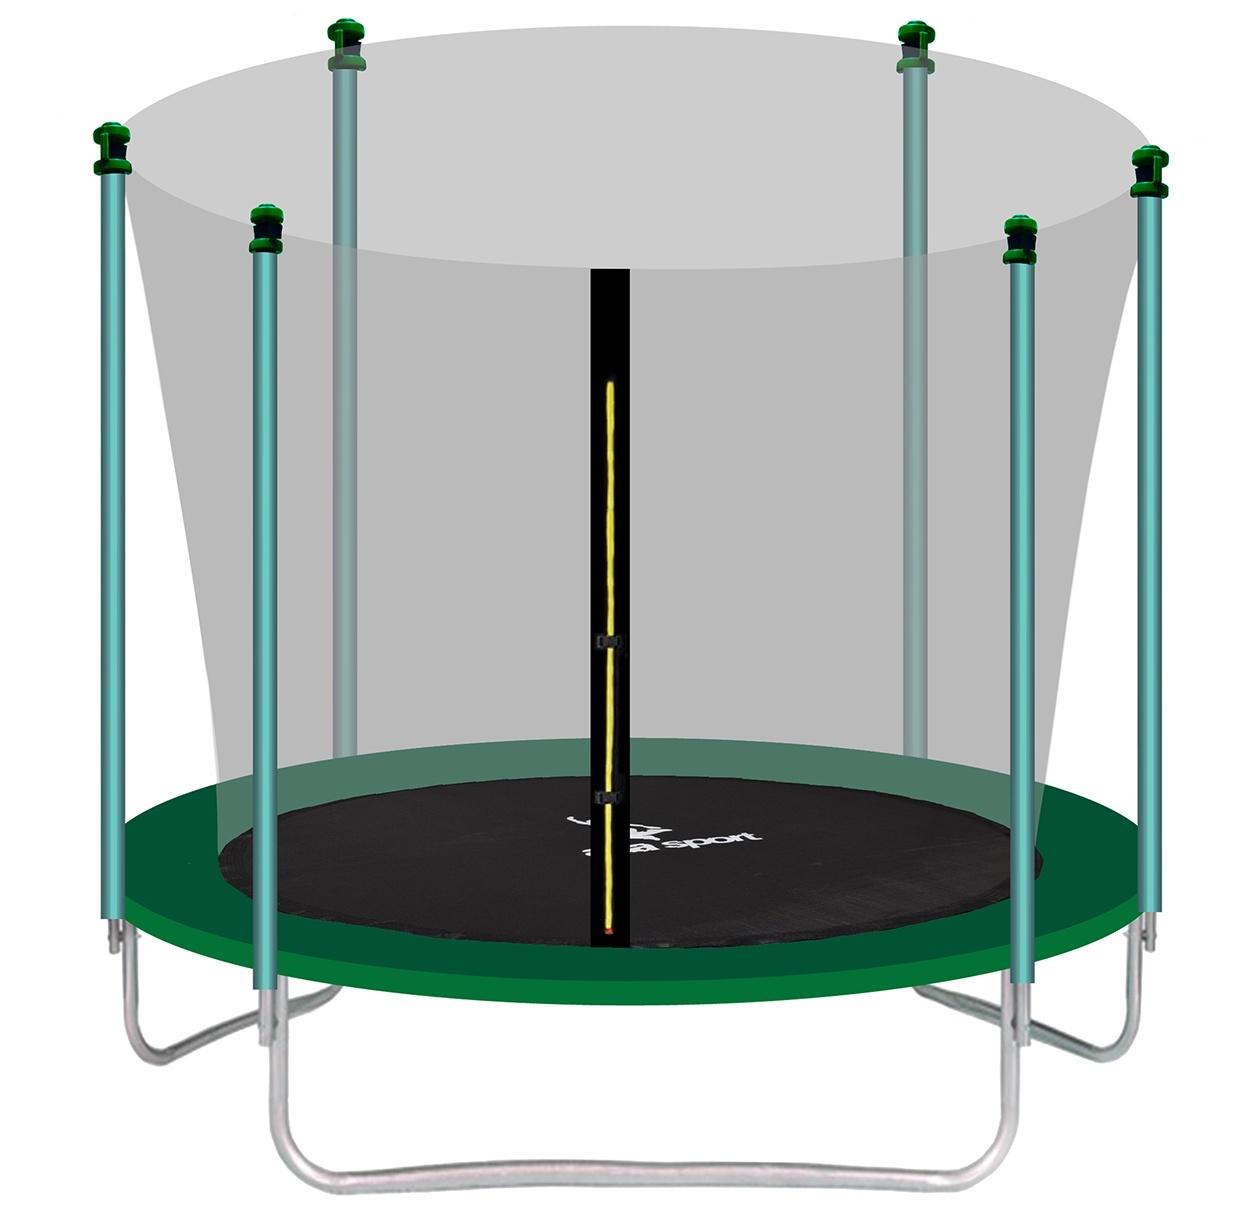 Aga SPORT FIT Trampolína 180 cm Dark Green + vnitřní ochranná síť 2018